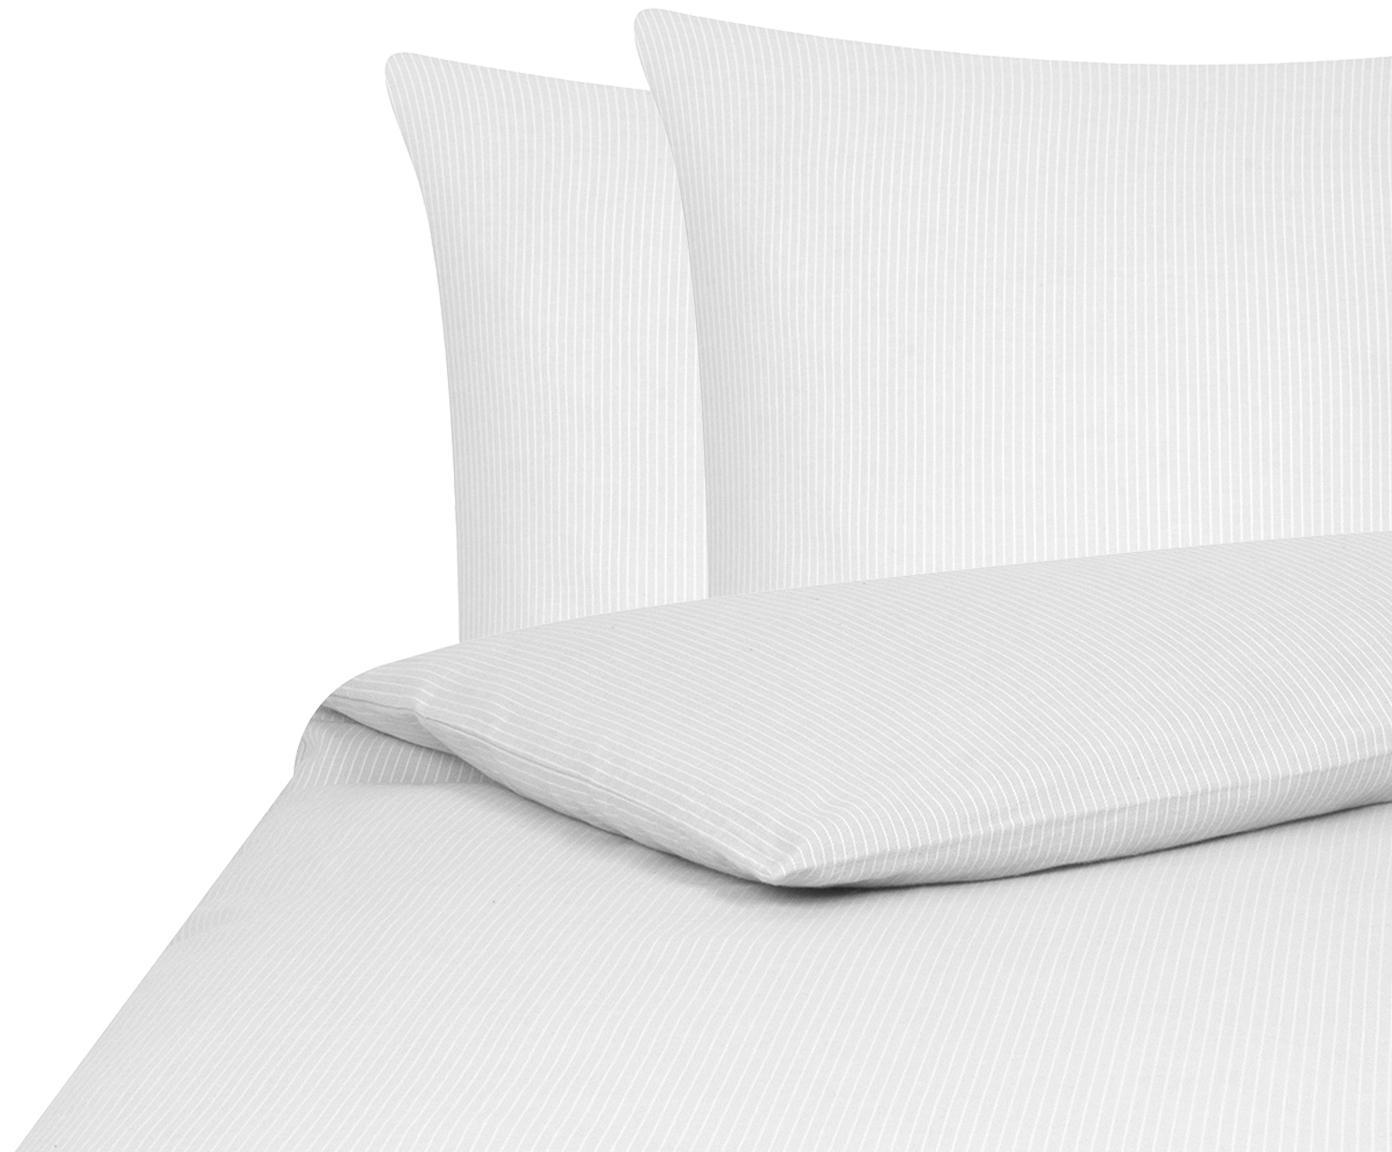 Flanell-Bettwäsche Rae, fein gestreift, Webart: Flanell Flanell ist ein s, Grau, Weiß, 200 x 200 cm